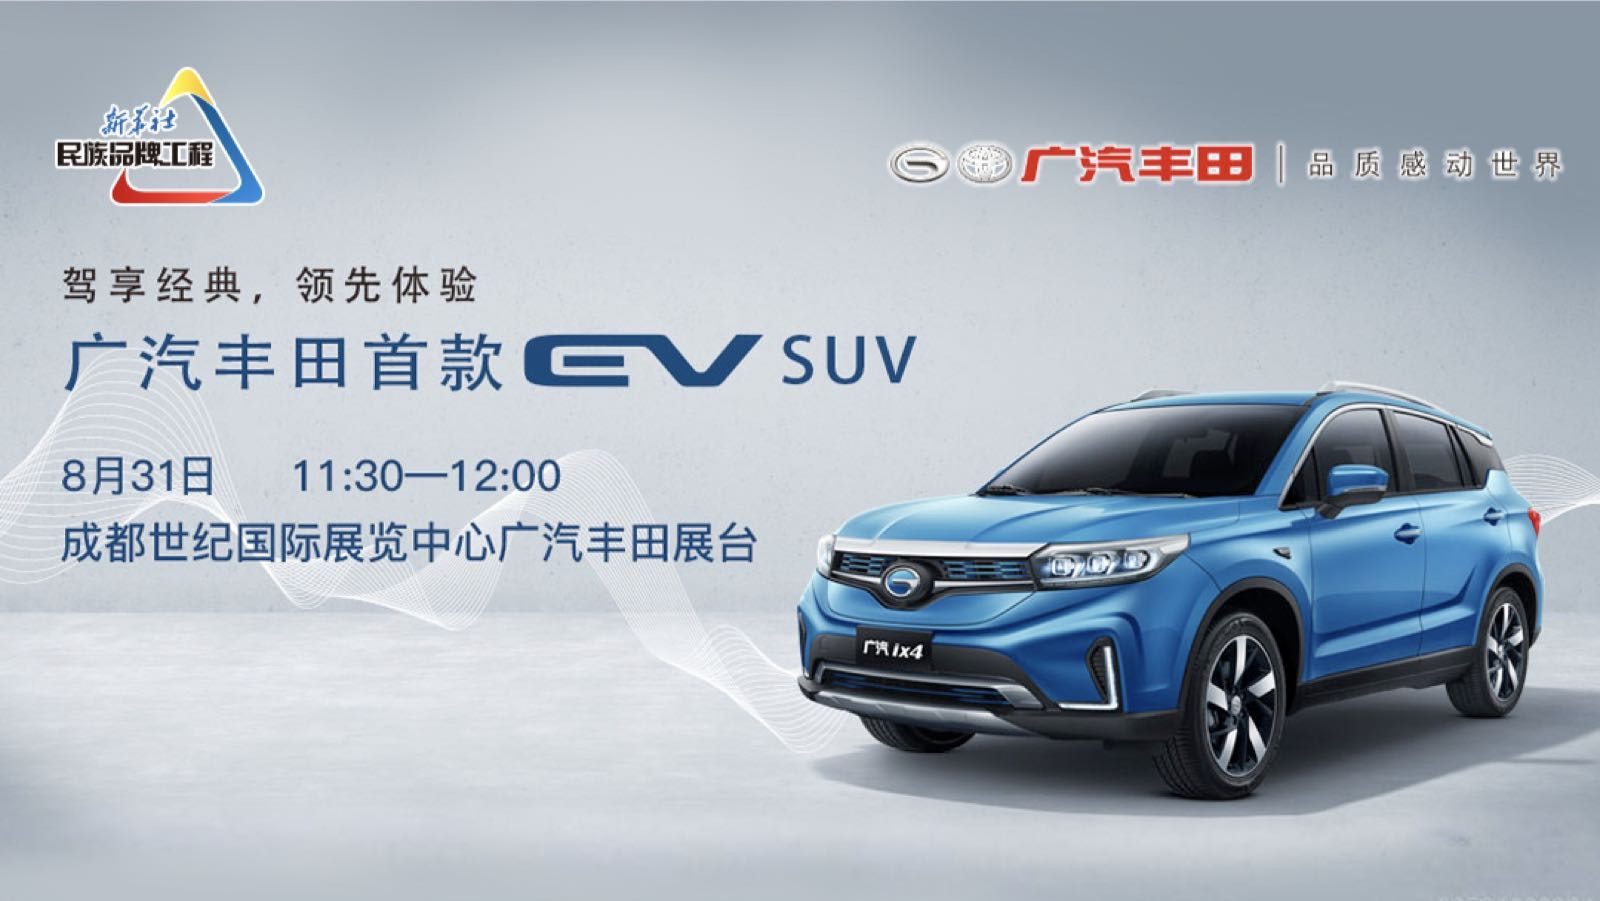 广汽丰田首款纯电动SUV广汽ix4正式发布